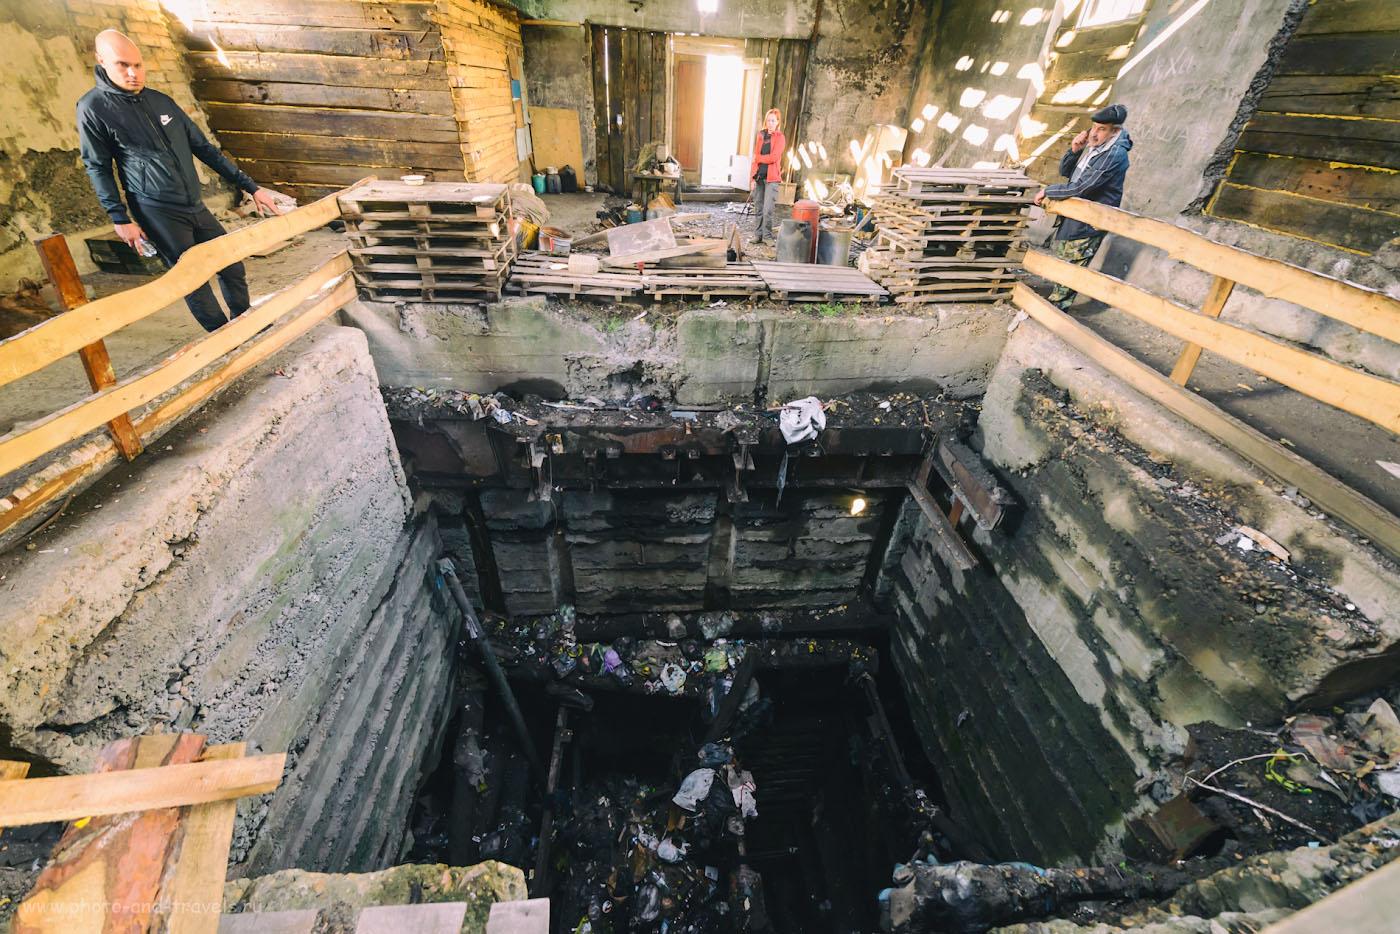 Фотография 31. Ствол шахты по добыче титаномагнетита в поселке Магнитка. 1/30, 4.5, 1600, 14.